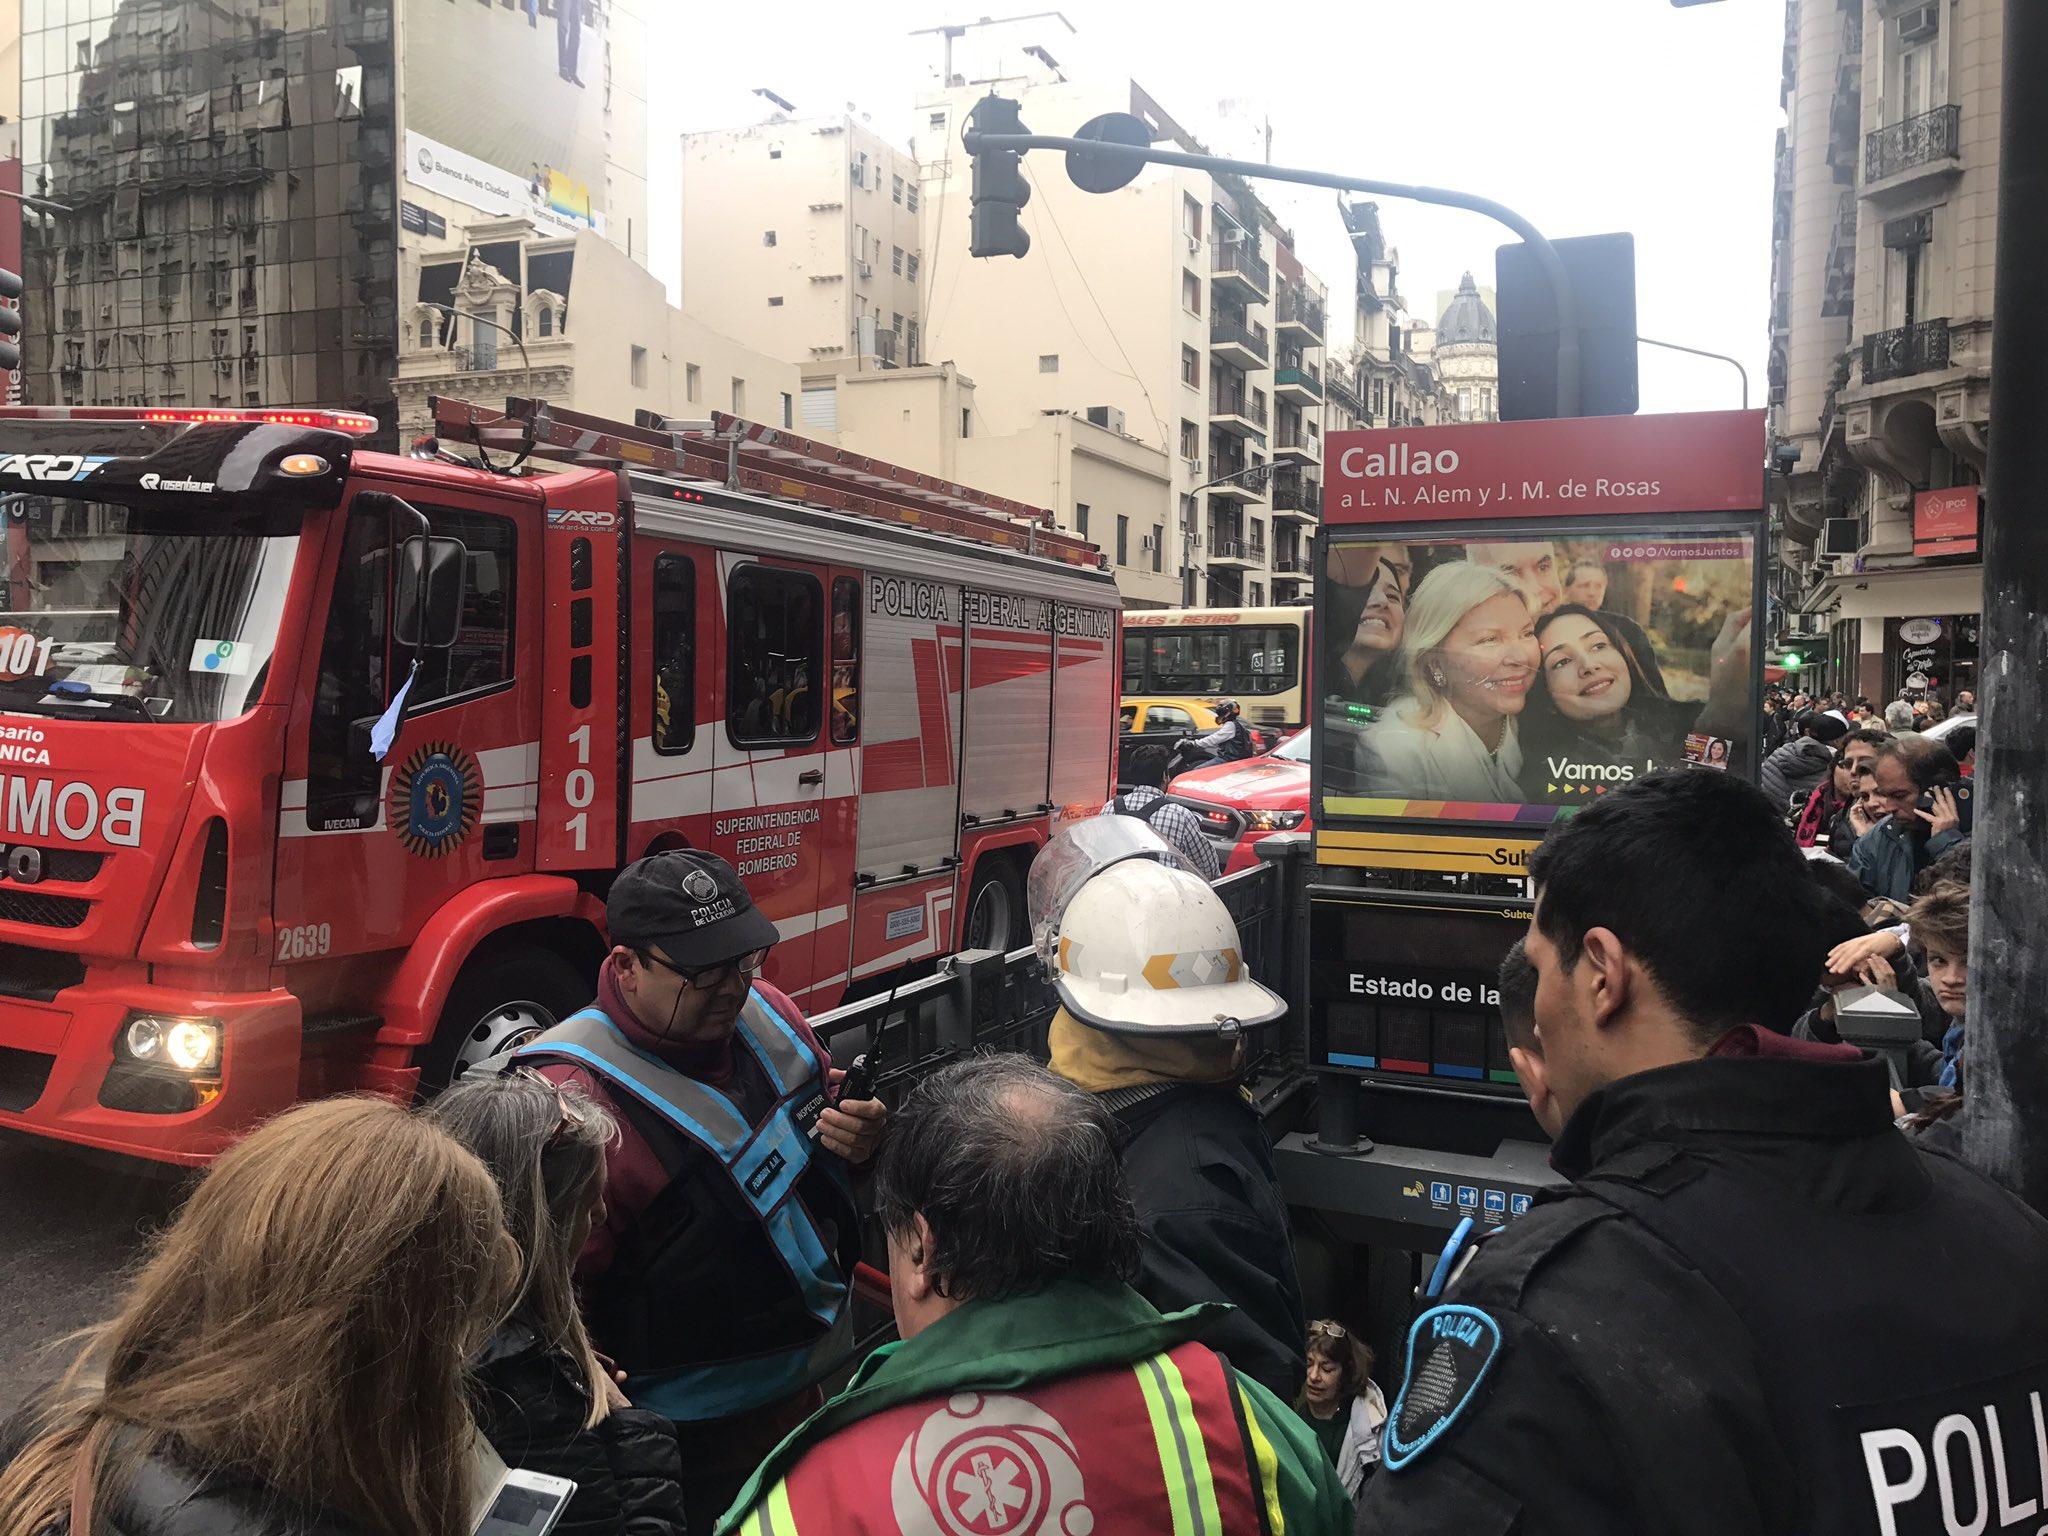 Evacuan a pasajeros de la línea B en estación Callao por desperfecto técnico. No hay heridos @telefenoticias @Metrovias https://t.co/qPKPCISZxP